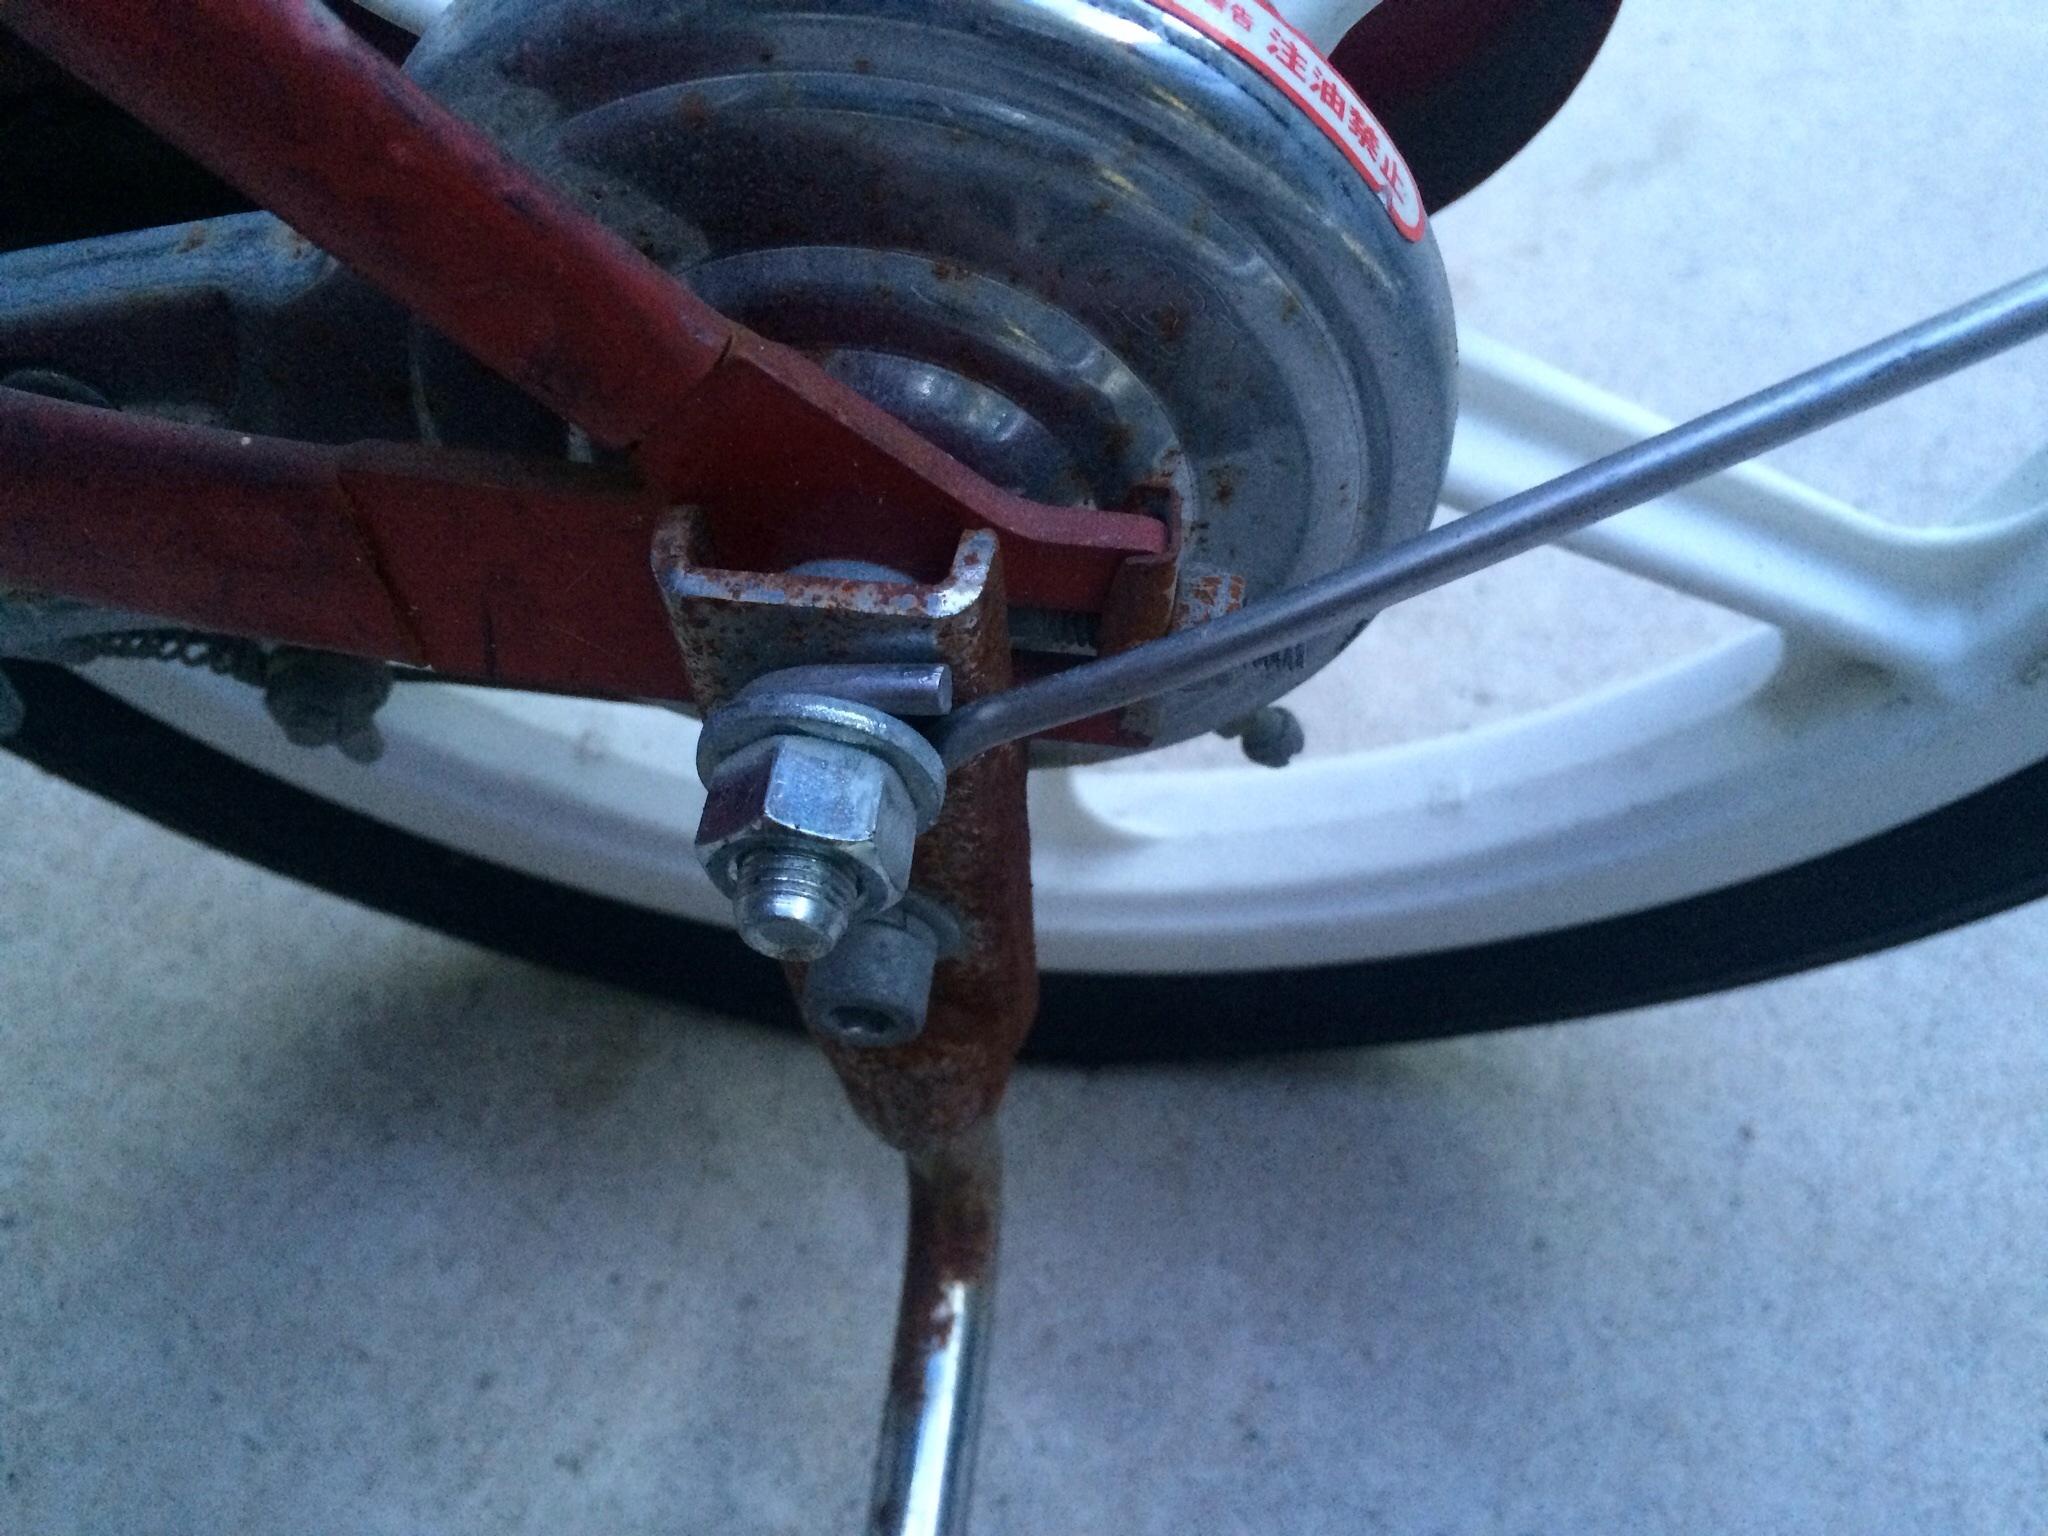 自転車の 自転車 ナット サイズ : ... 子供用自転車の補助輪取り外し